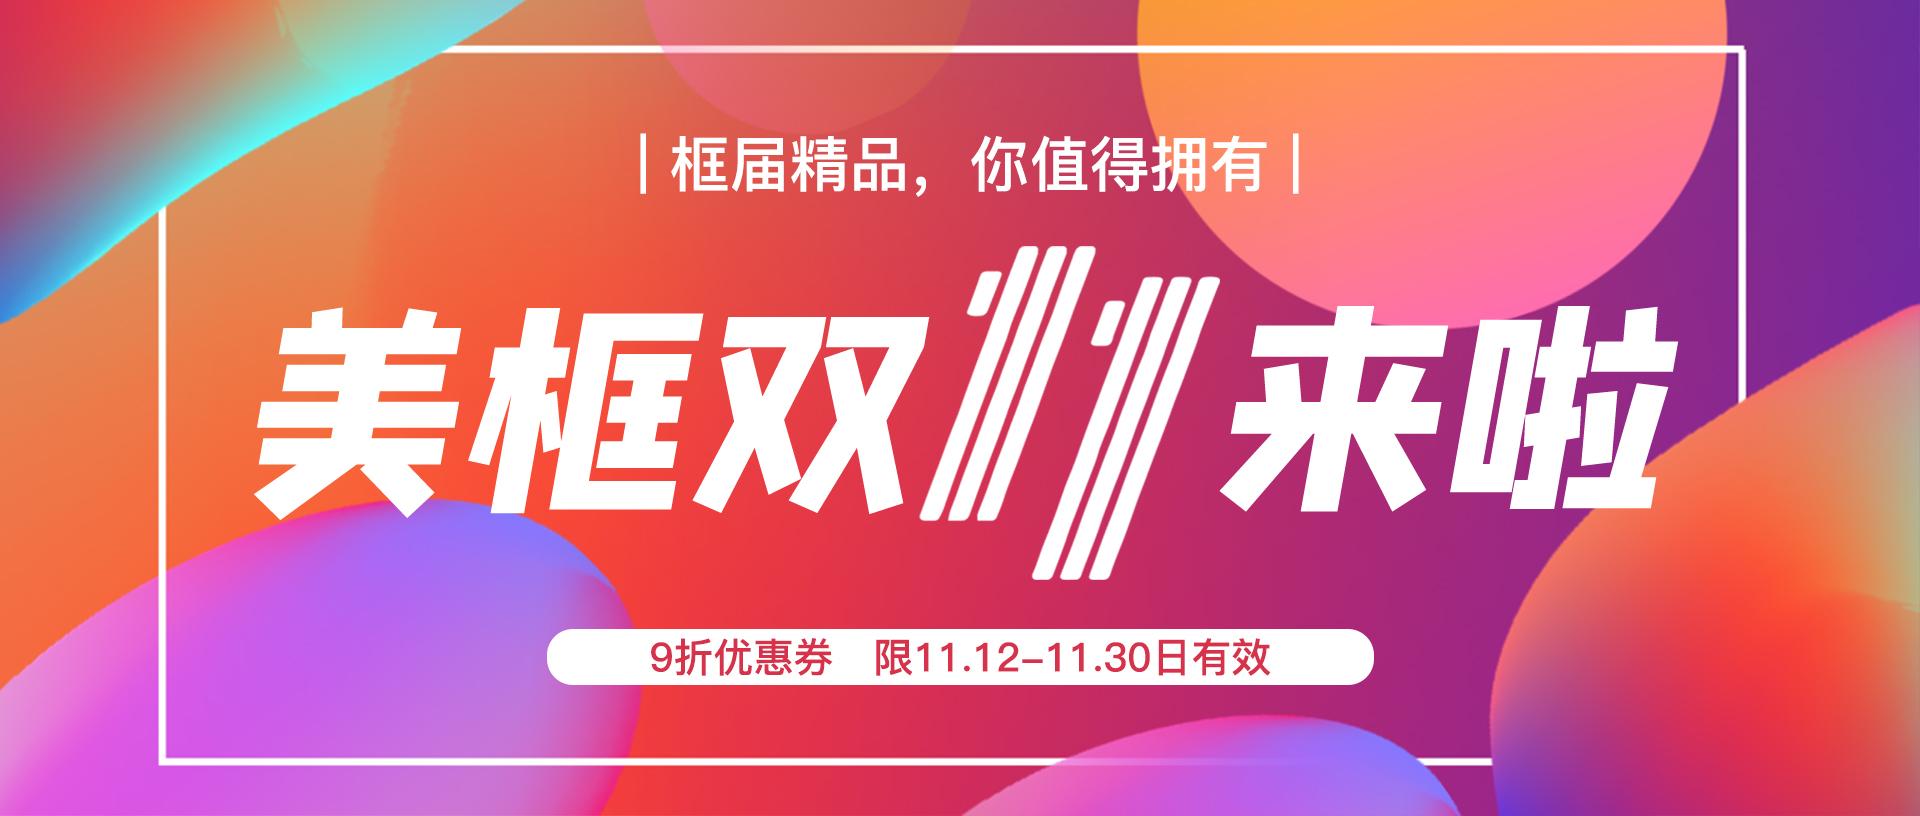 绿林美框11月优惠banner